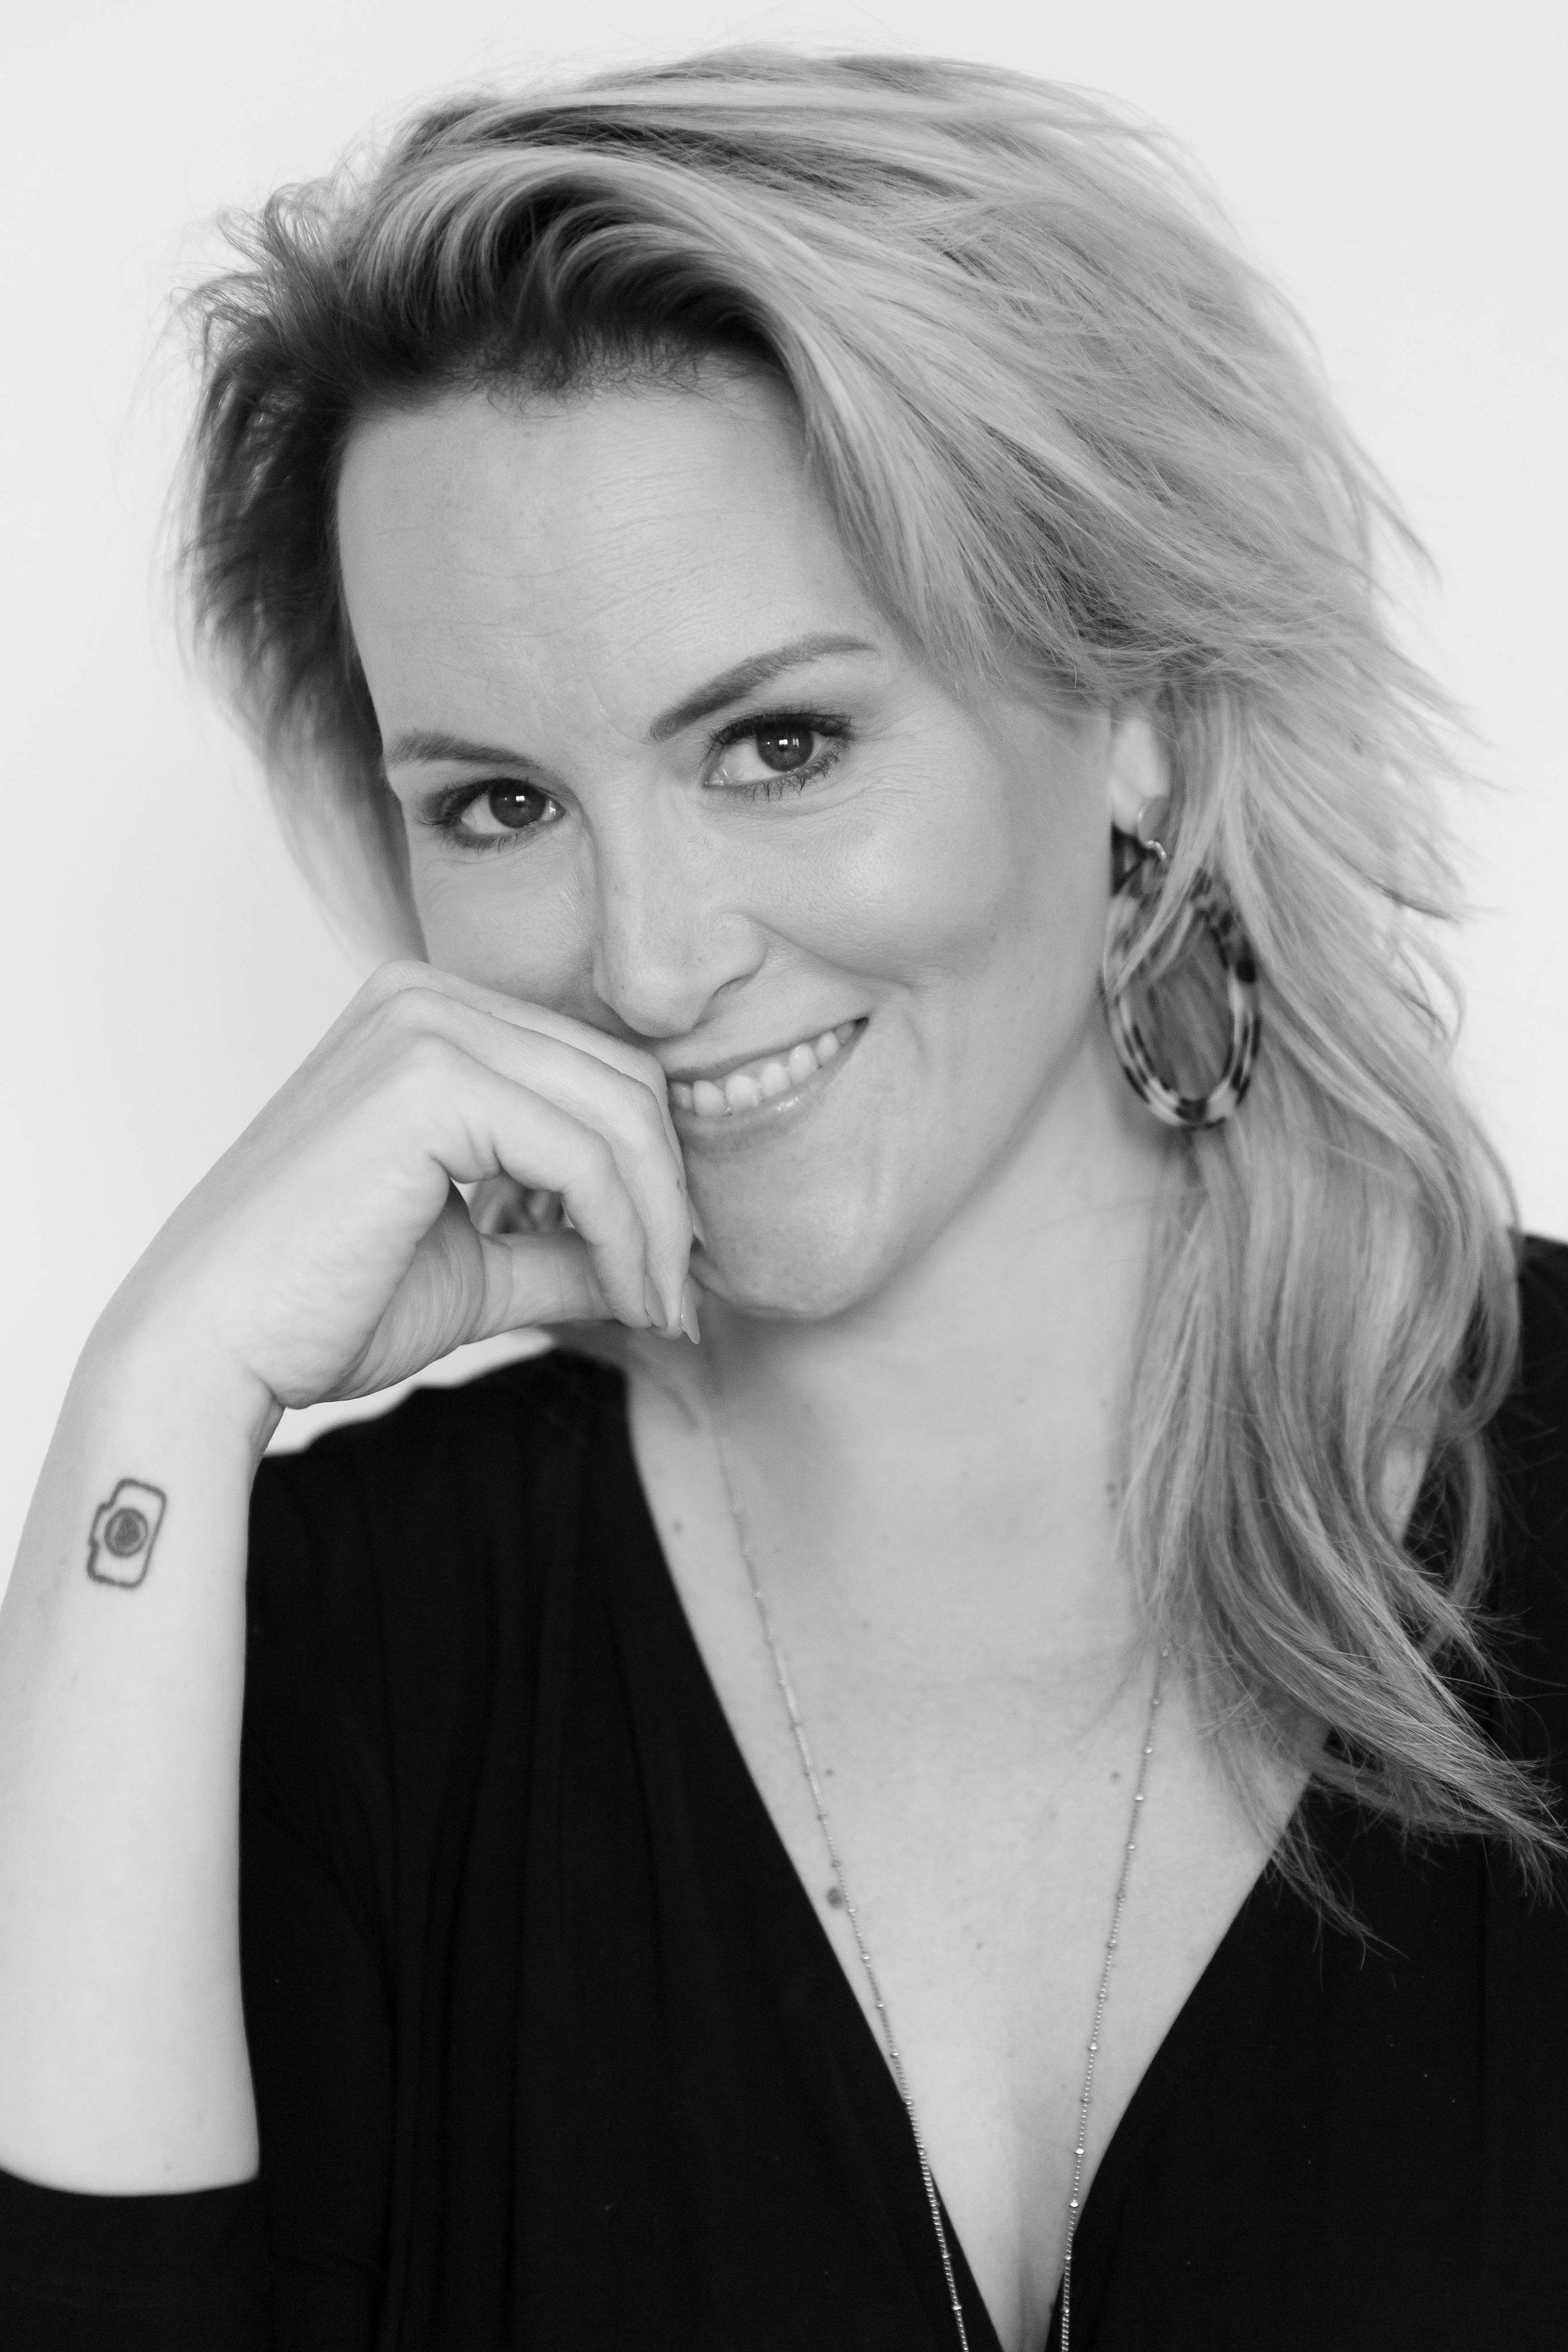 Kim Holterman - Ik wil vrouwen laten zien en voelen hoe mooi ze zijn. Hoe ongelooflijk krachtig ze zijn en hoe belangrijk het is dat er foto's van ze gemaakt wordt. Voor nu en voor later.Want op een dag gaan ze op zoek naar foto's van jou